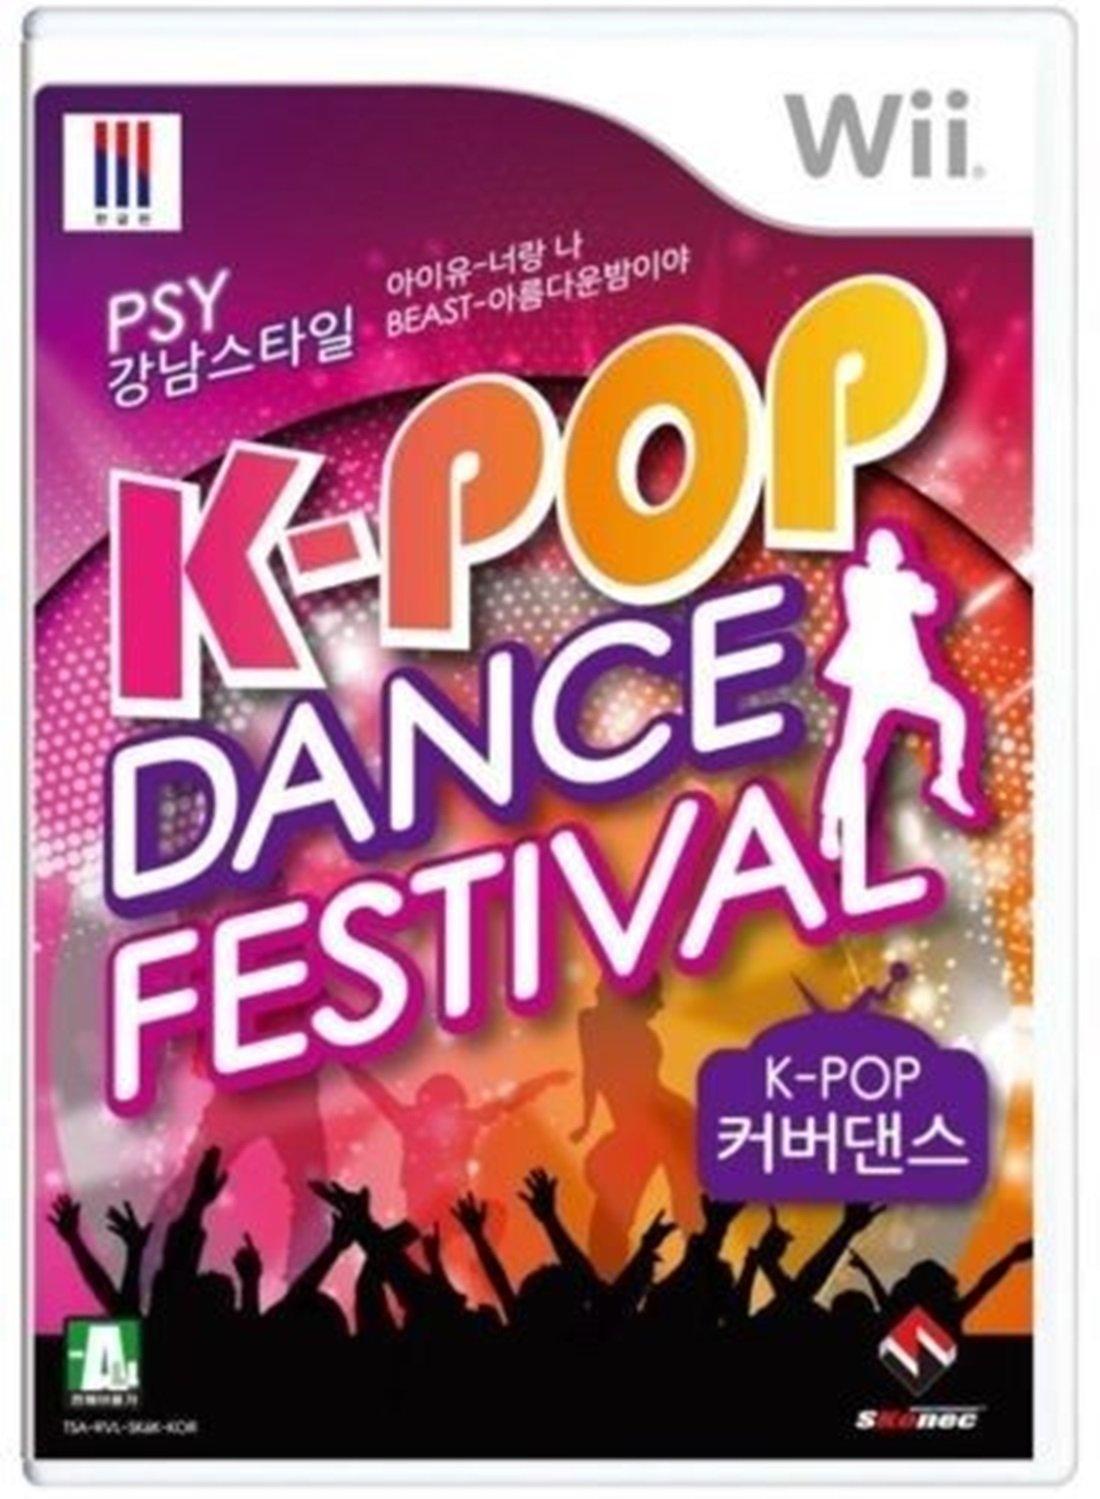 K-pop Dance Festival : Cover Dance Nintendo Wii Korean Exclusive